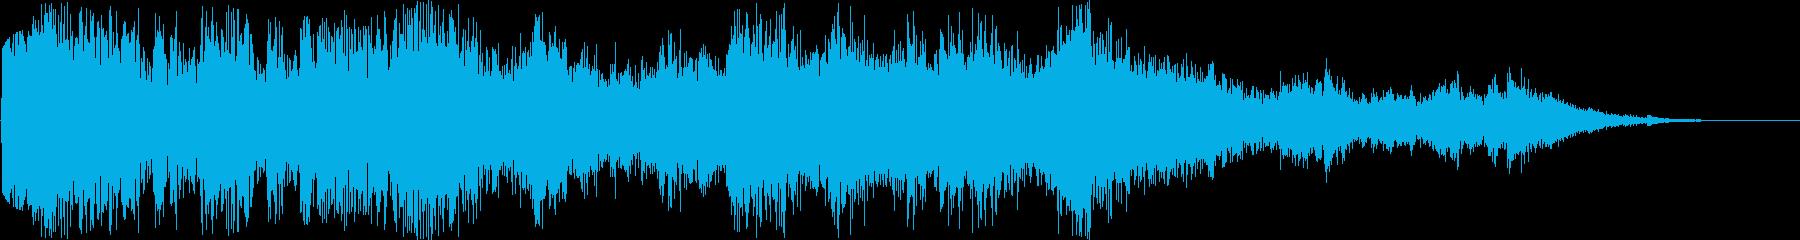 激しいラウドメタルクラッシュとロン...の再生済みの波形